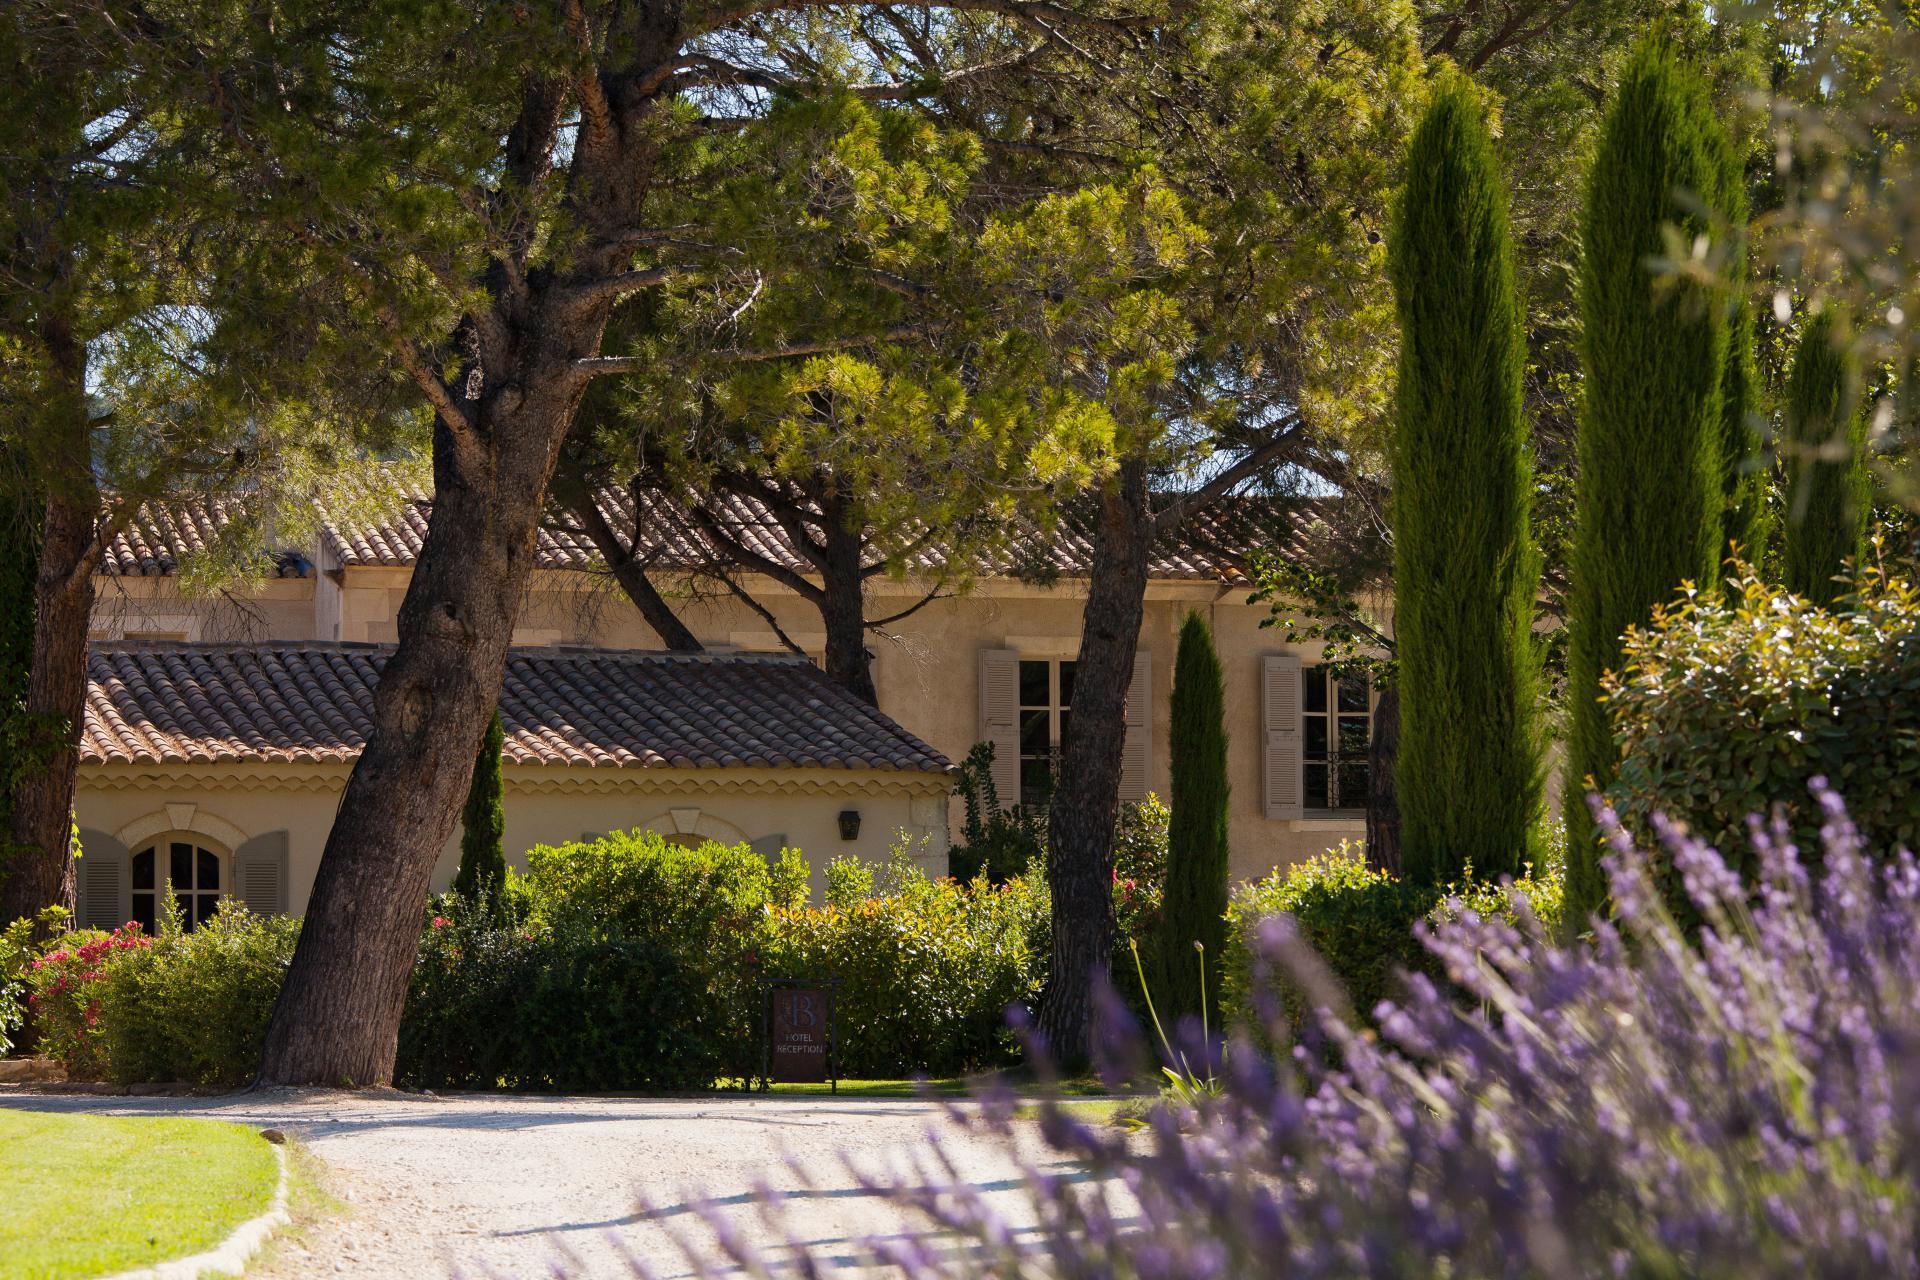 boutique-hotel-Benvengudo-Les-Baux-de-Provence-Lan-1-3-3-2.jpg